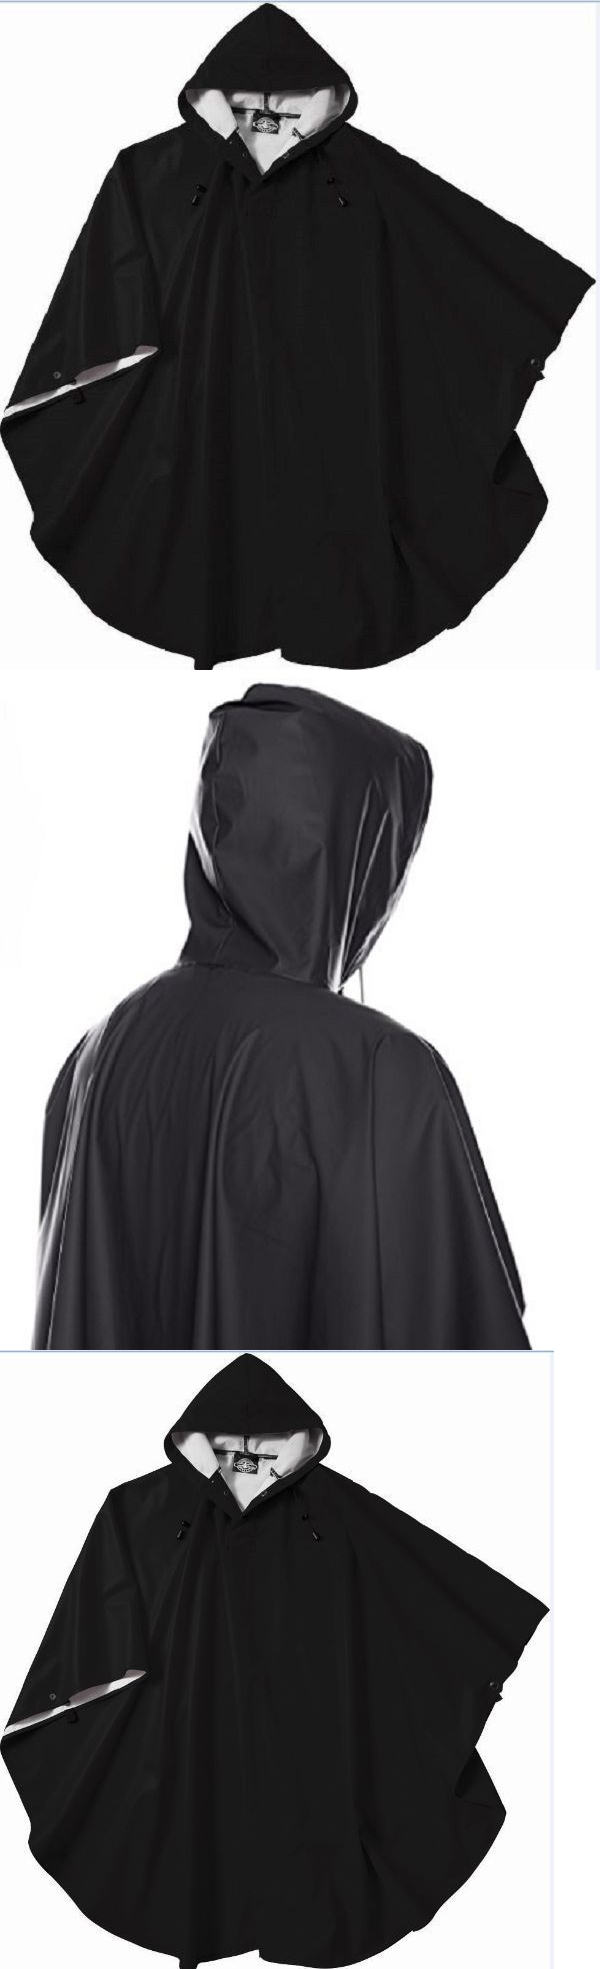 Outerwear 155195: Rain Poncho Coat For Men Women Black Hooded Waterproof  Wind Waterproof One Size